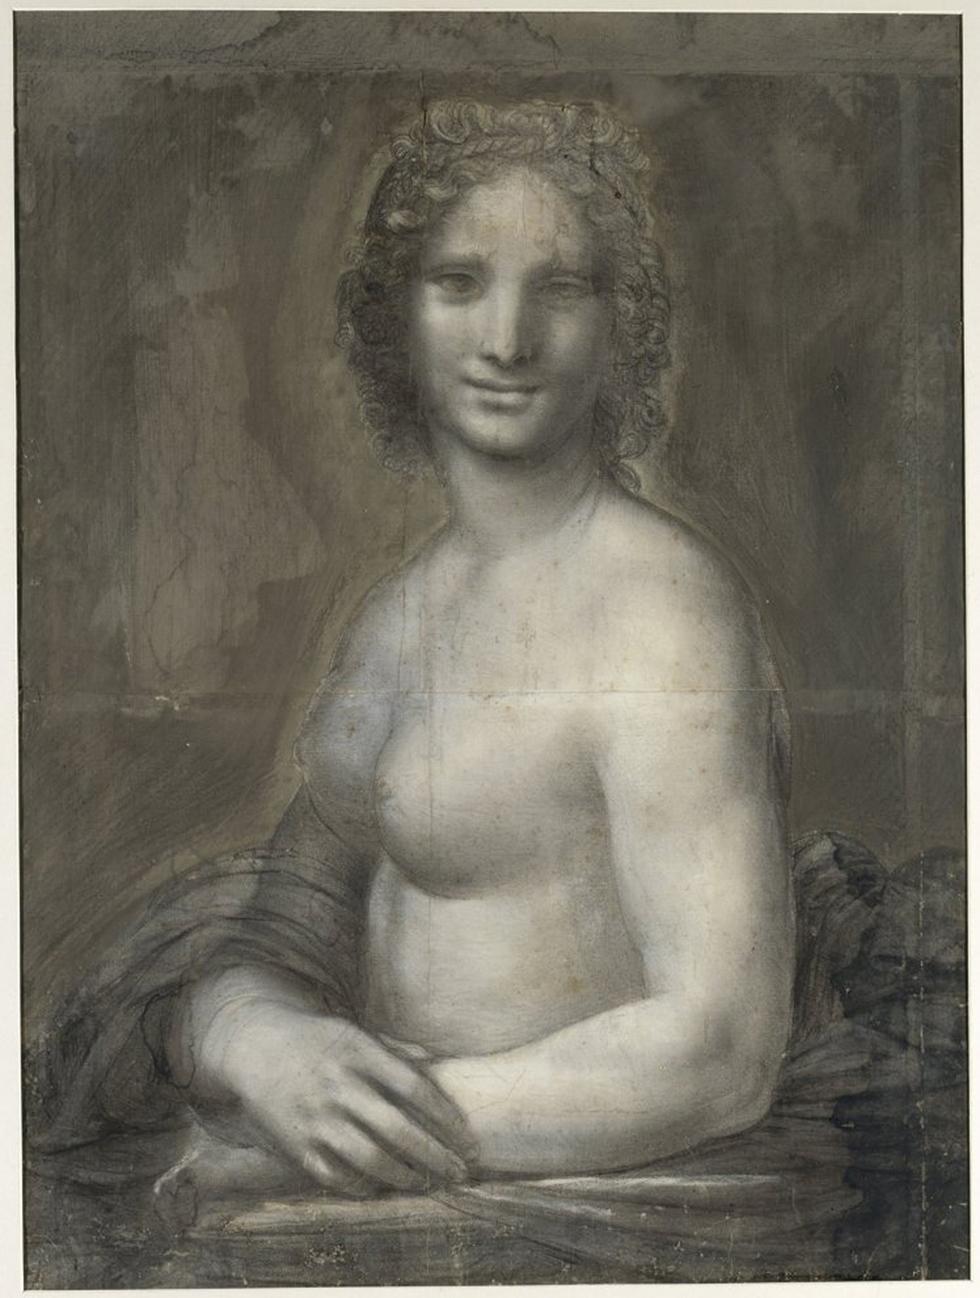 מונה ואנה. הגרסה חסרת הבגדים של המונה ליזה?  (צילום: מוזיאון שנטילי)